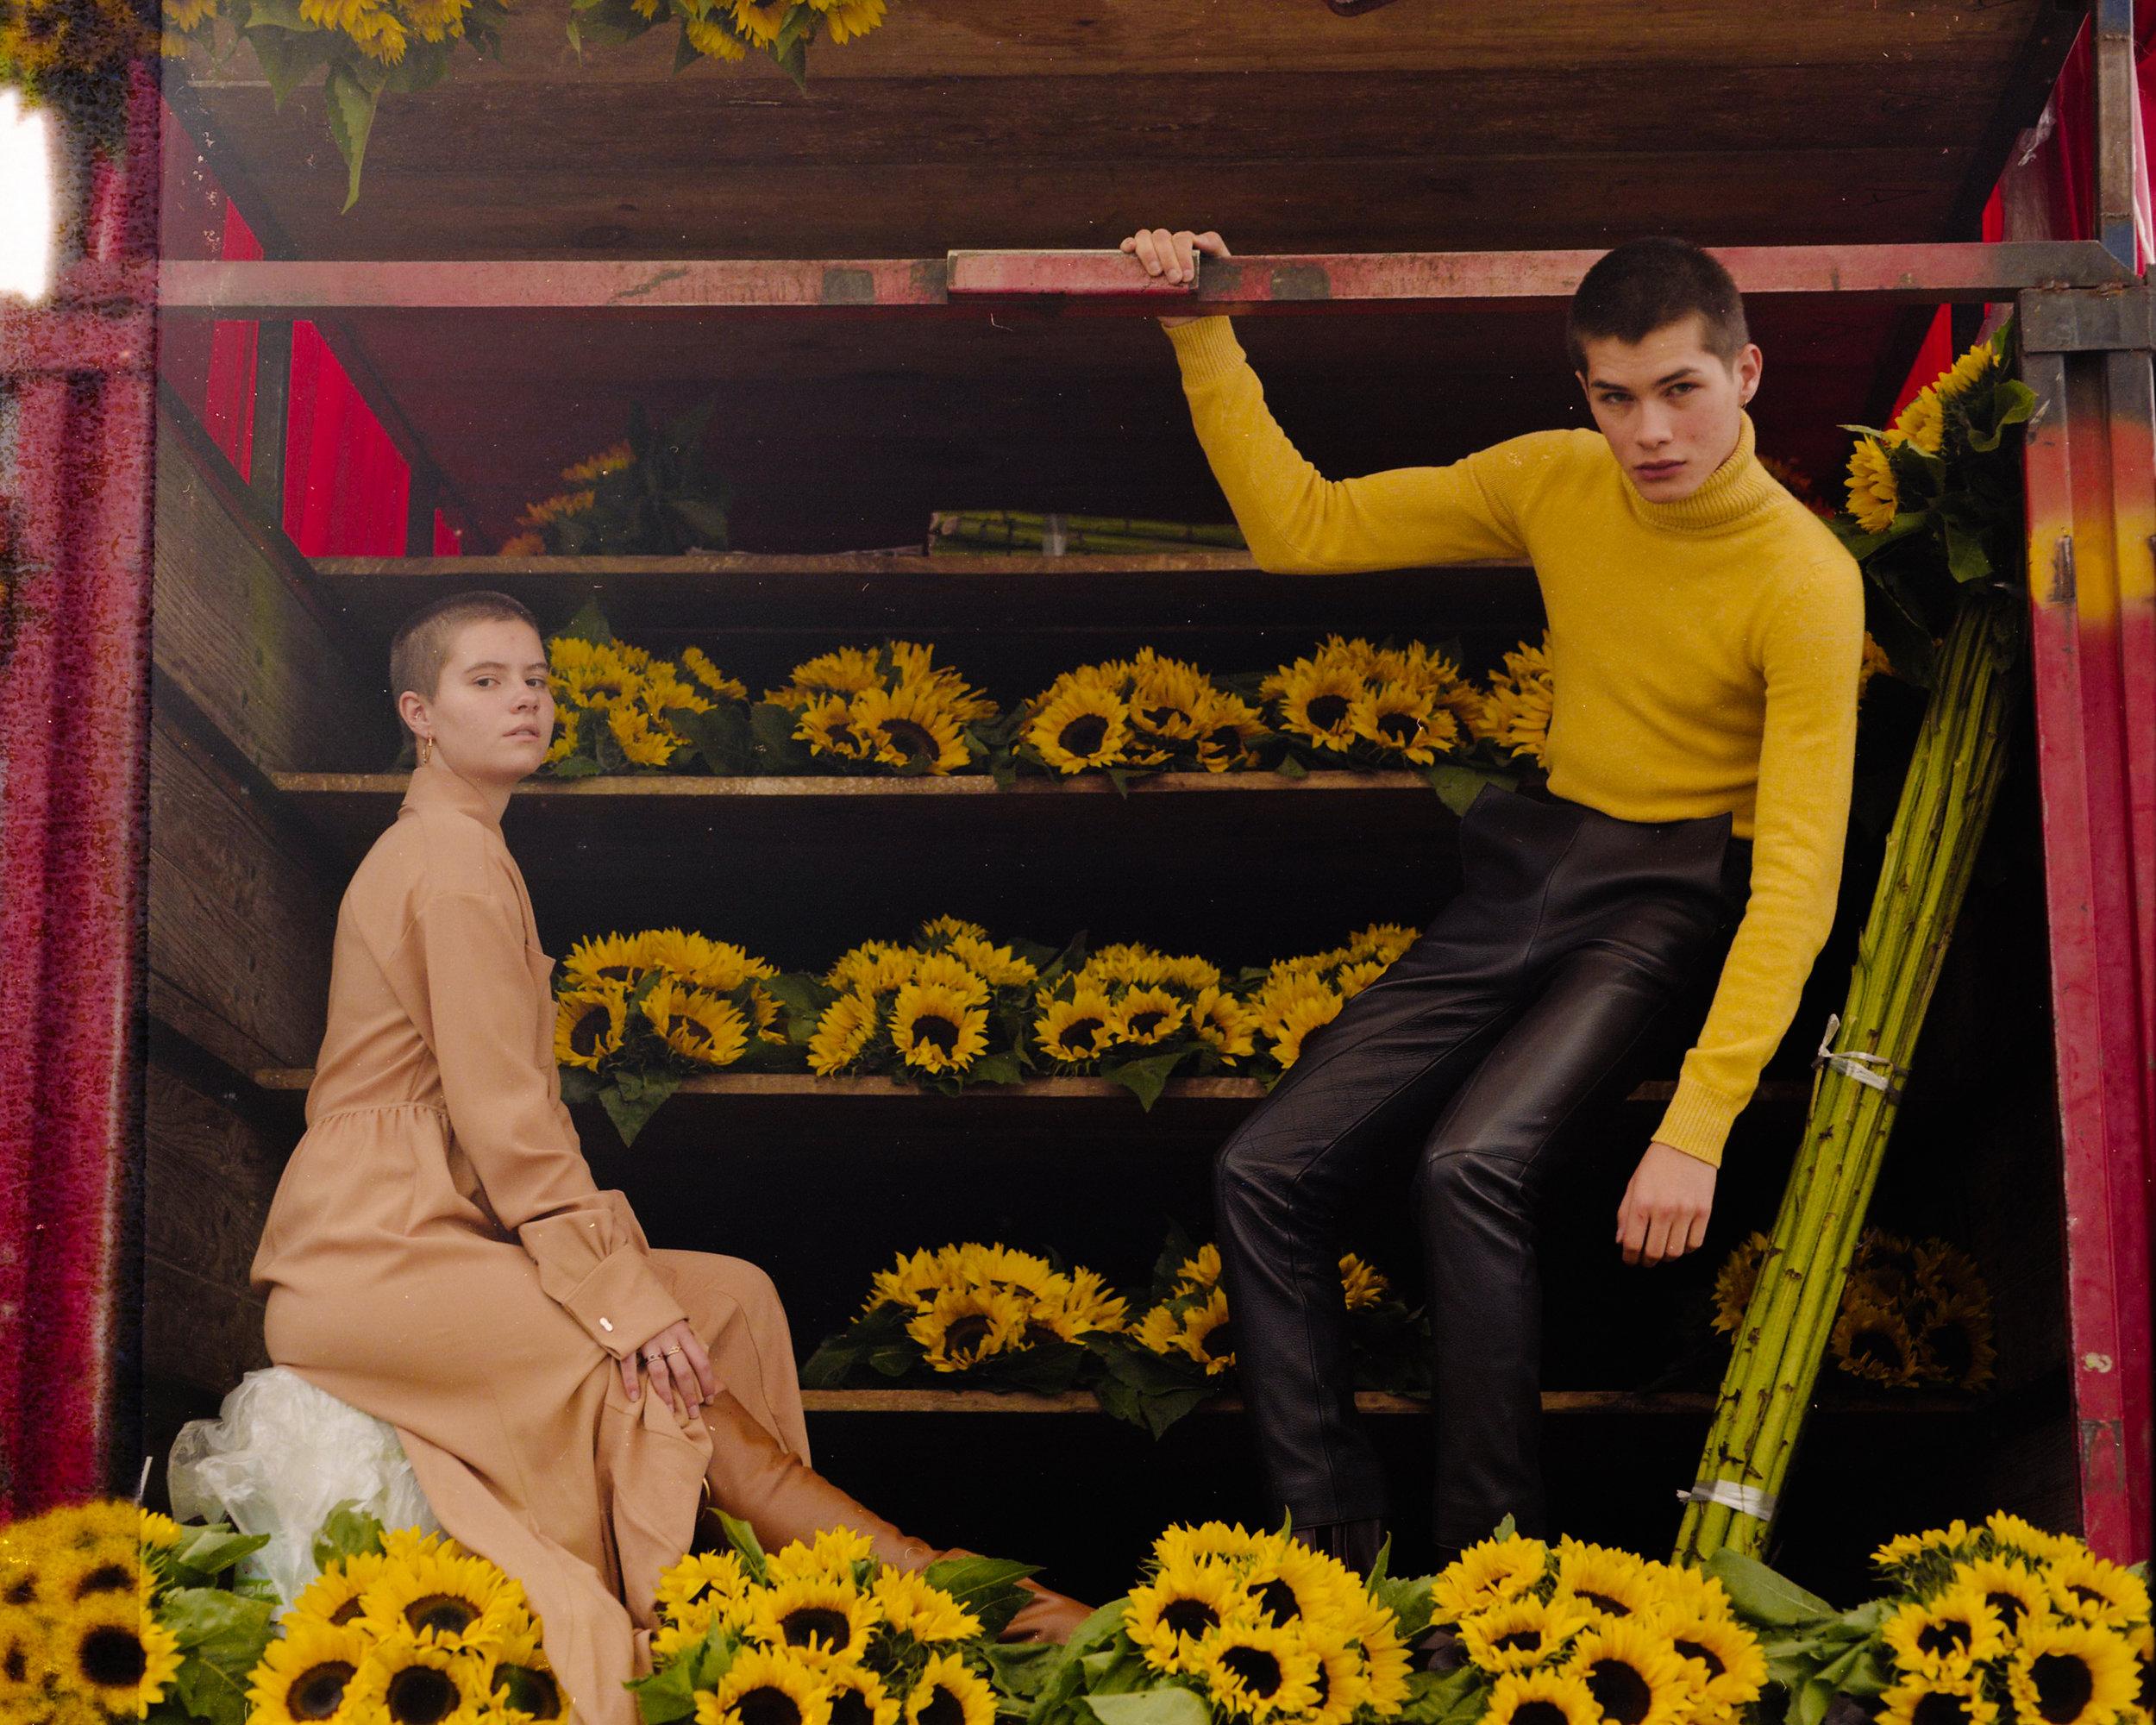 Sofía con vestido y botas de  SALVATORE FERRAGAMO.  Alfredo viste suéter, pantalón y botas, todo de  HERMÈS.